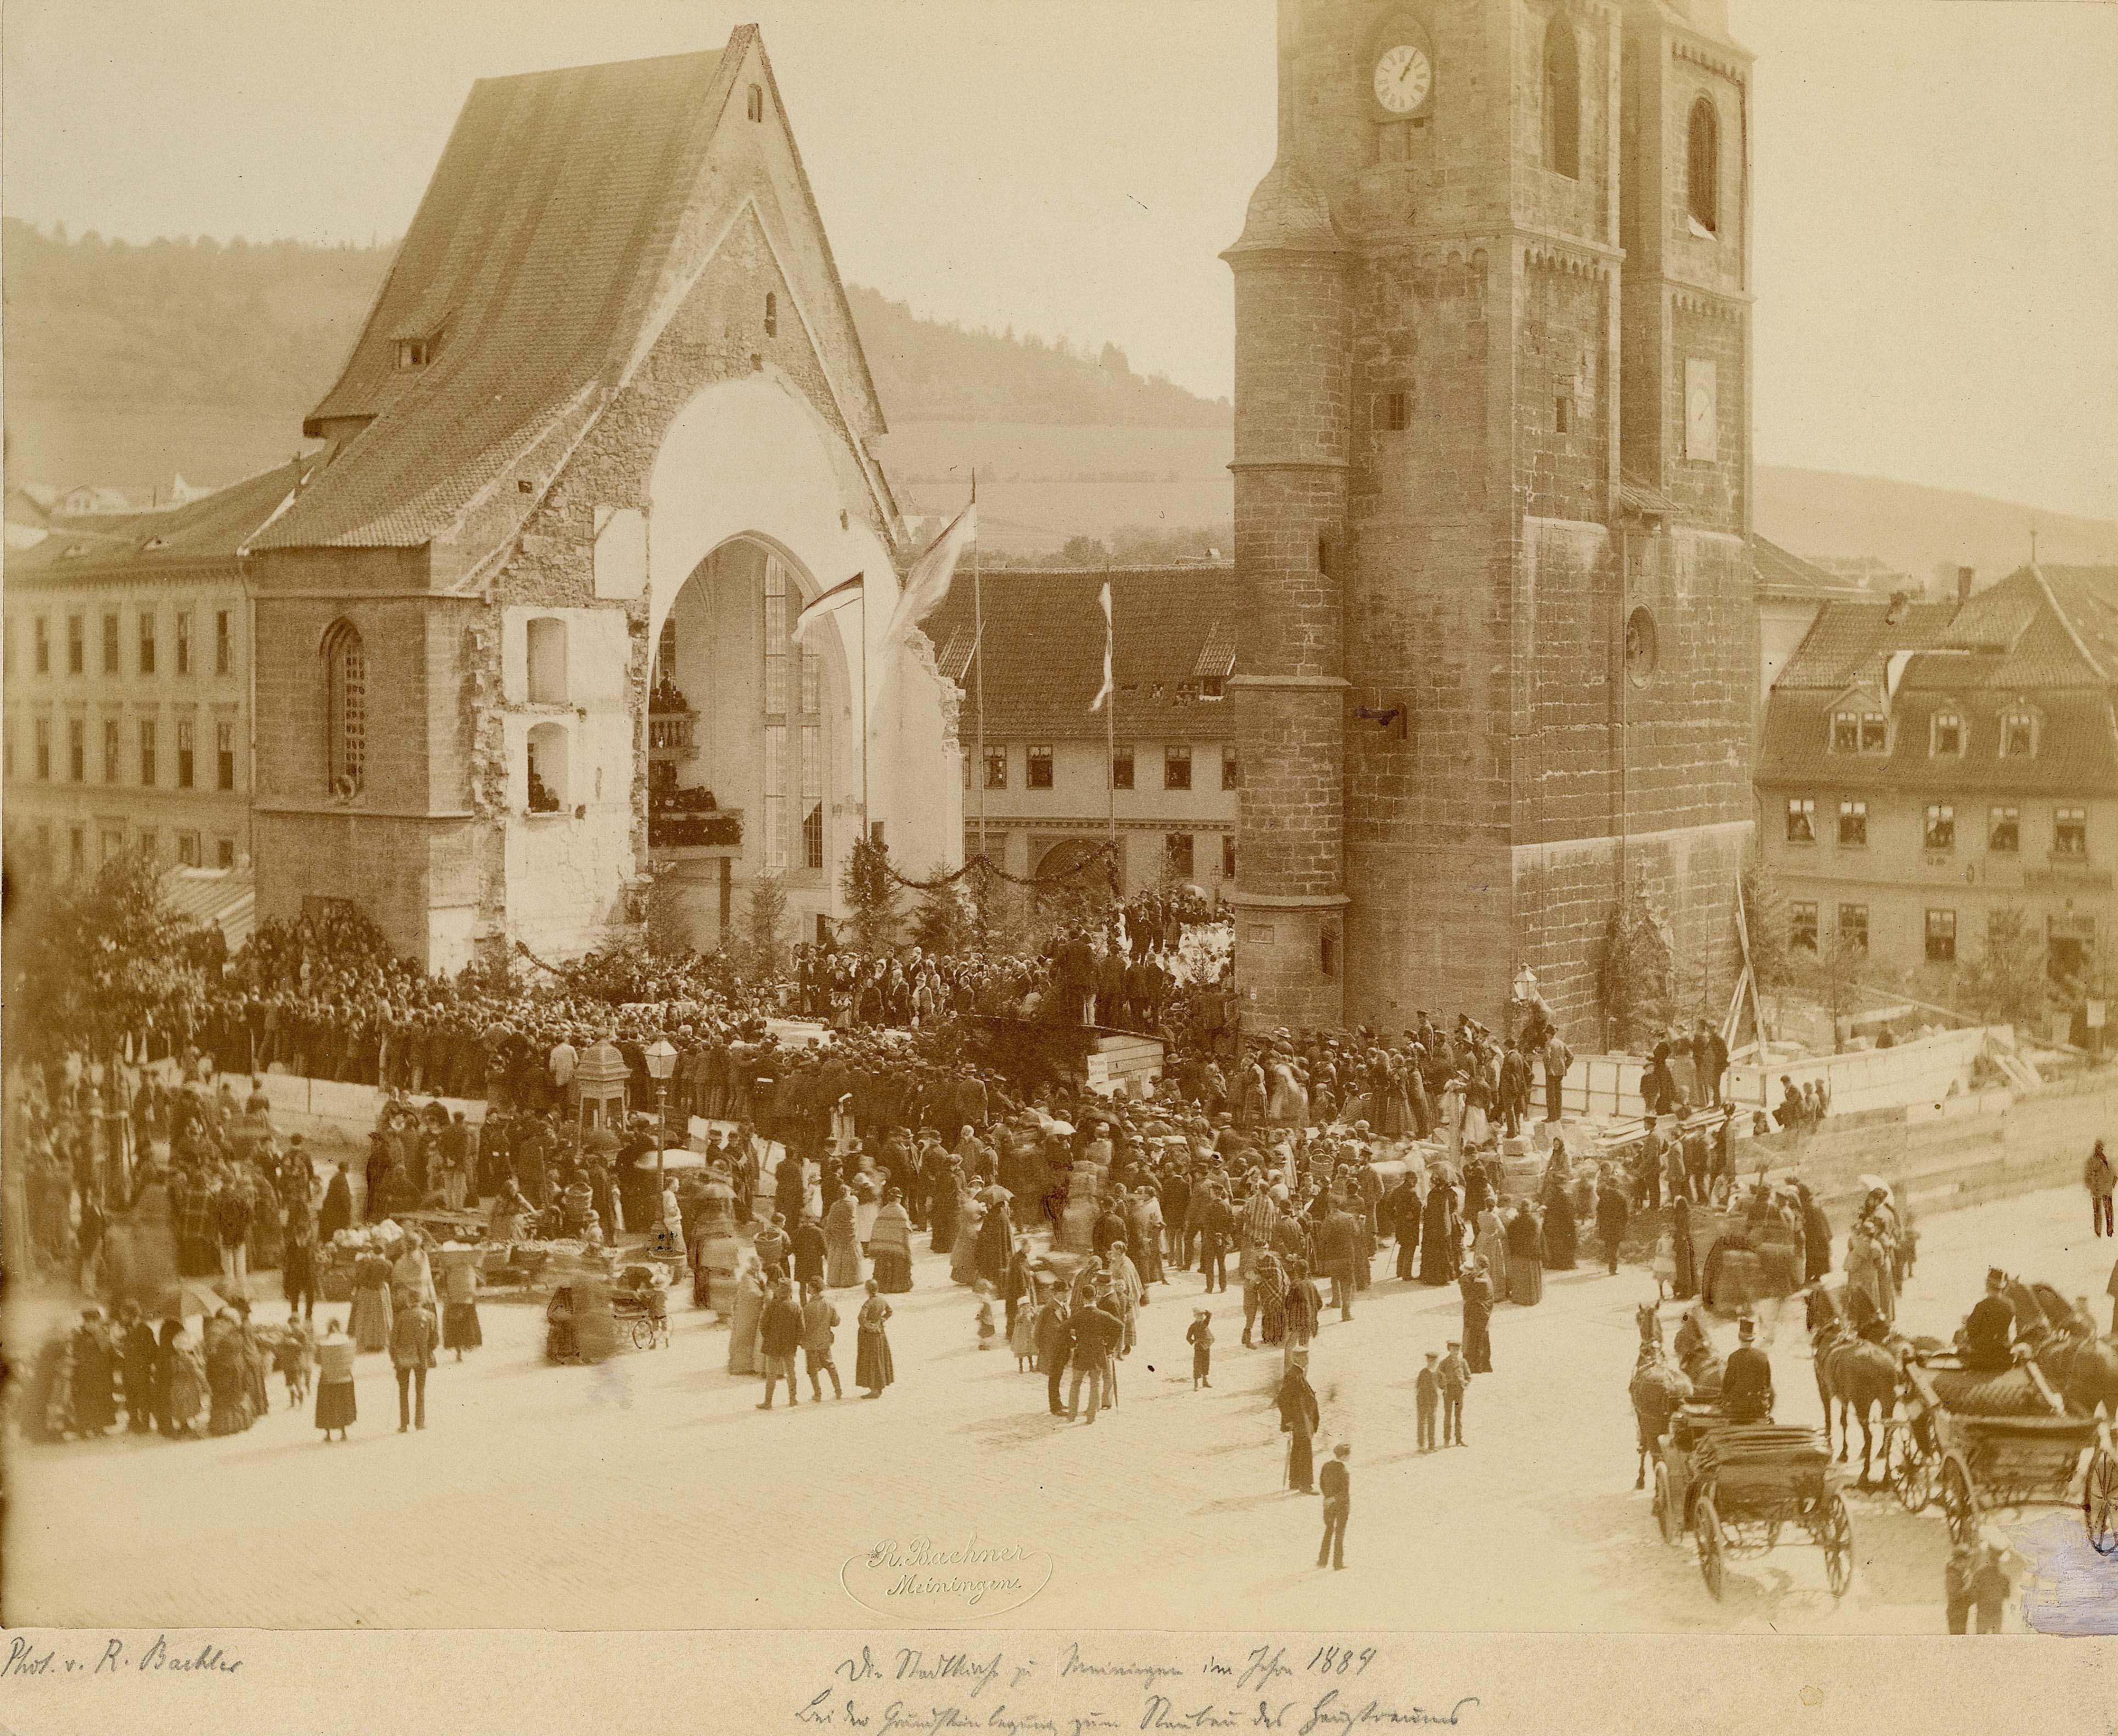 Historisches Foto, viele Menschen vor halb zerstörter, aber geschmückter Kirche